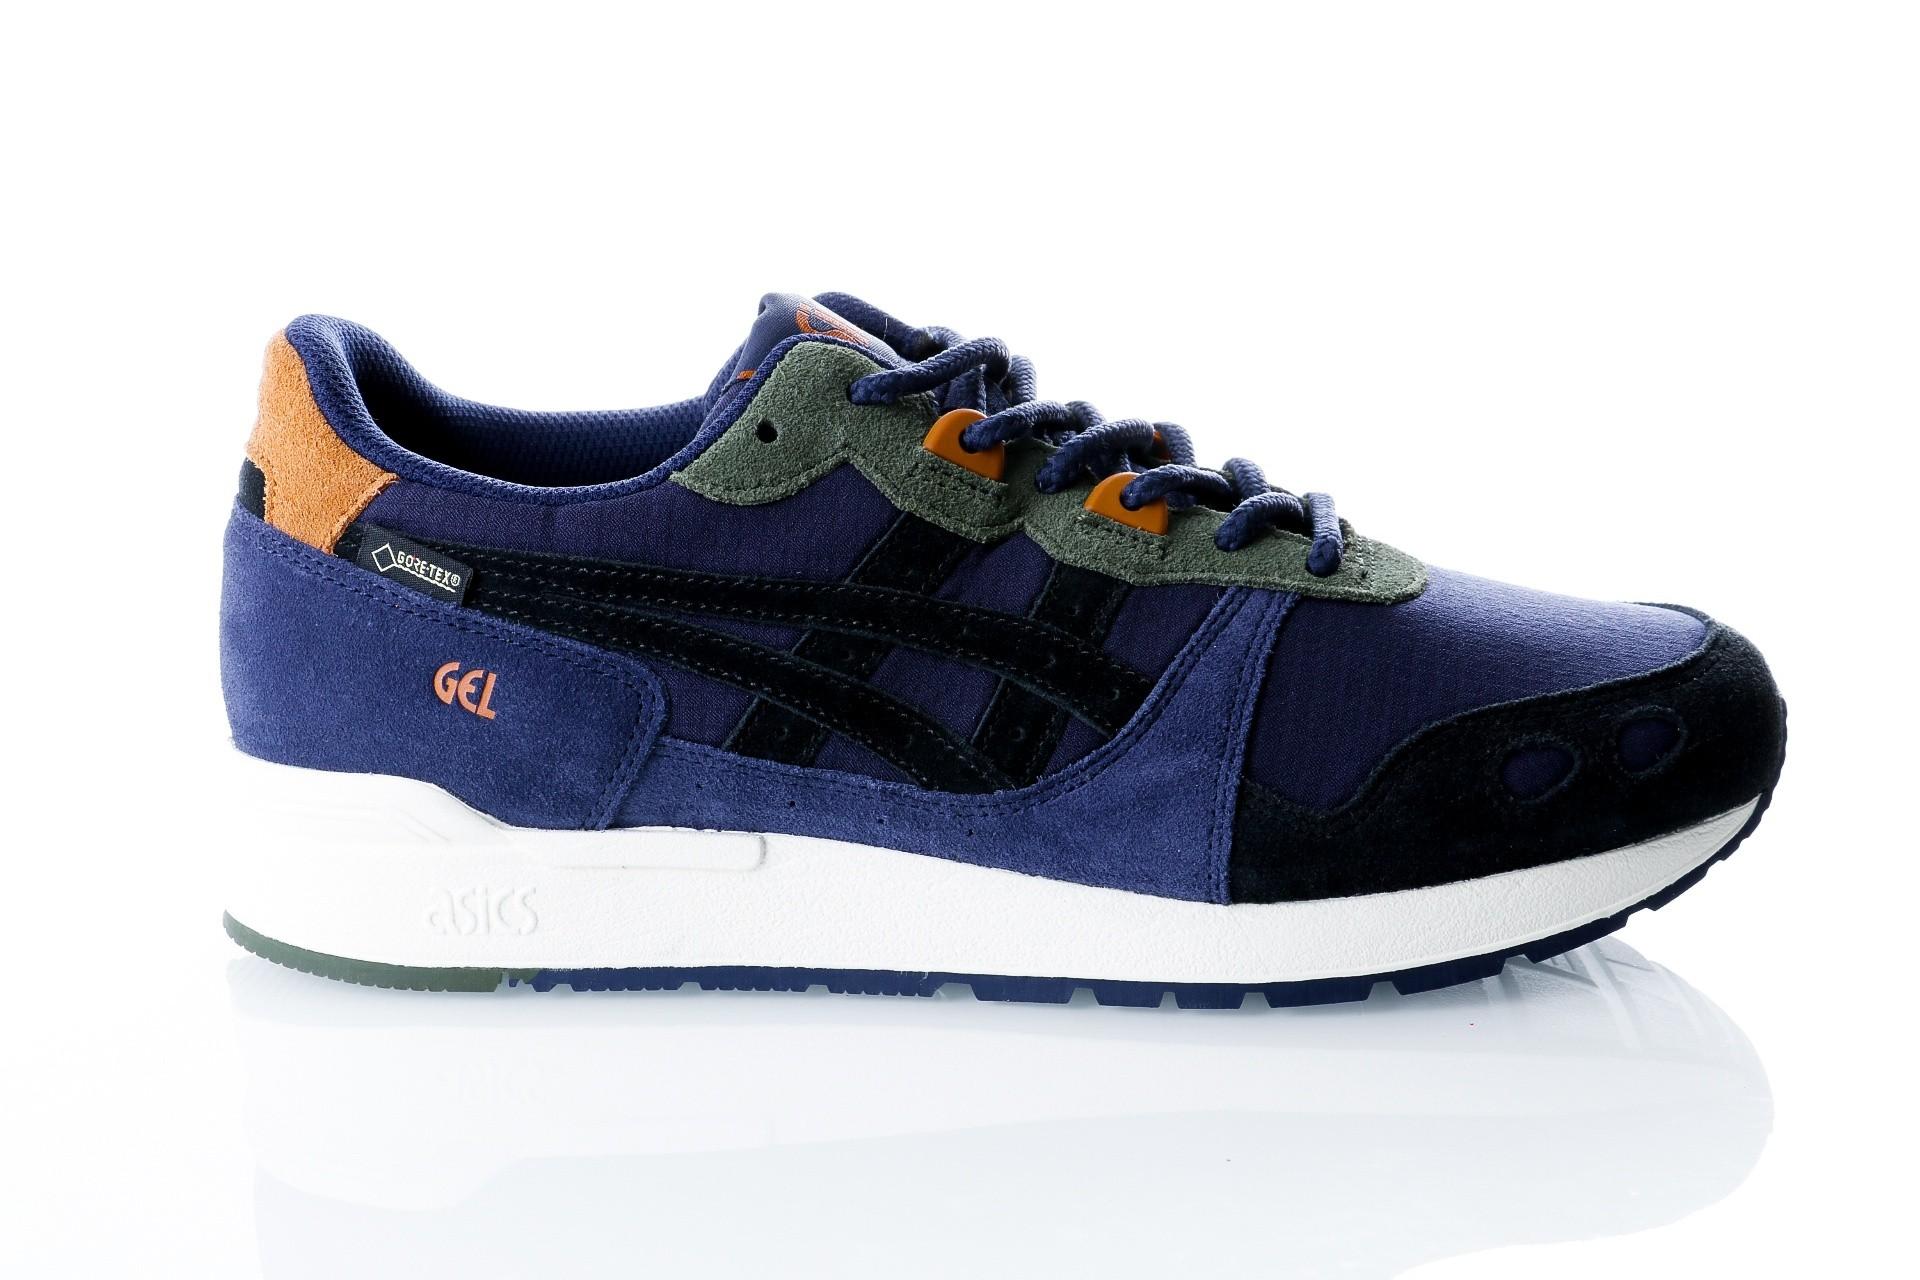 Foto van Asics GEL-LYTE G-TX 1193A038 Sneakers PEACOAT/BLACK